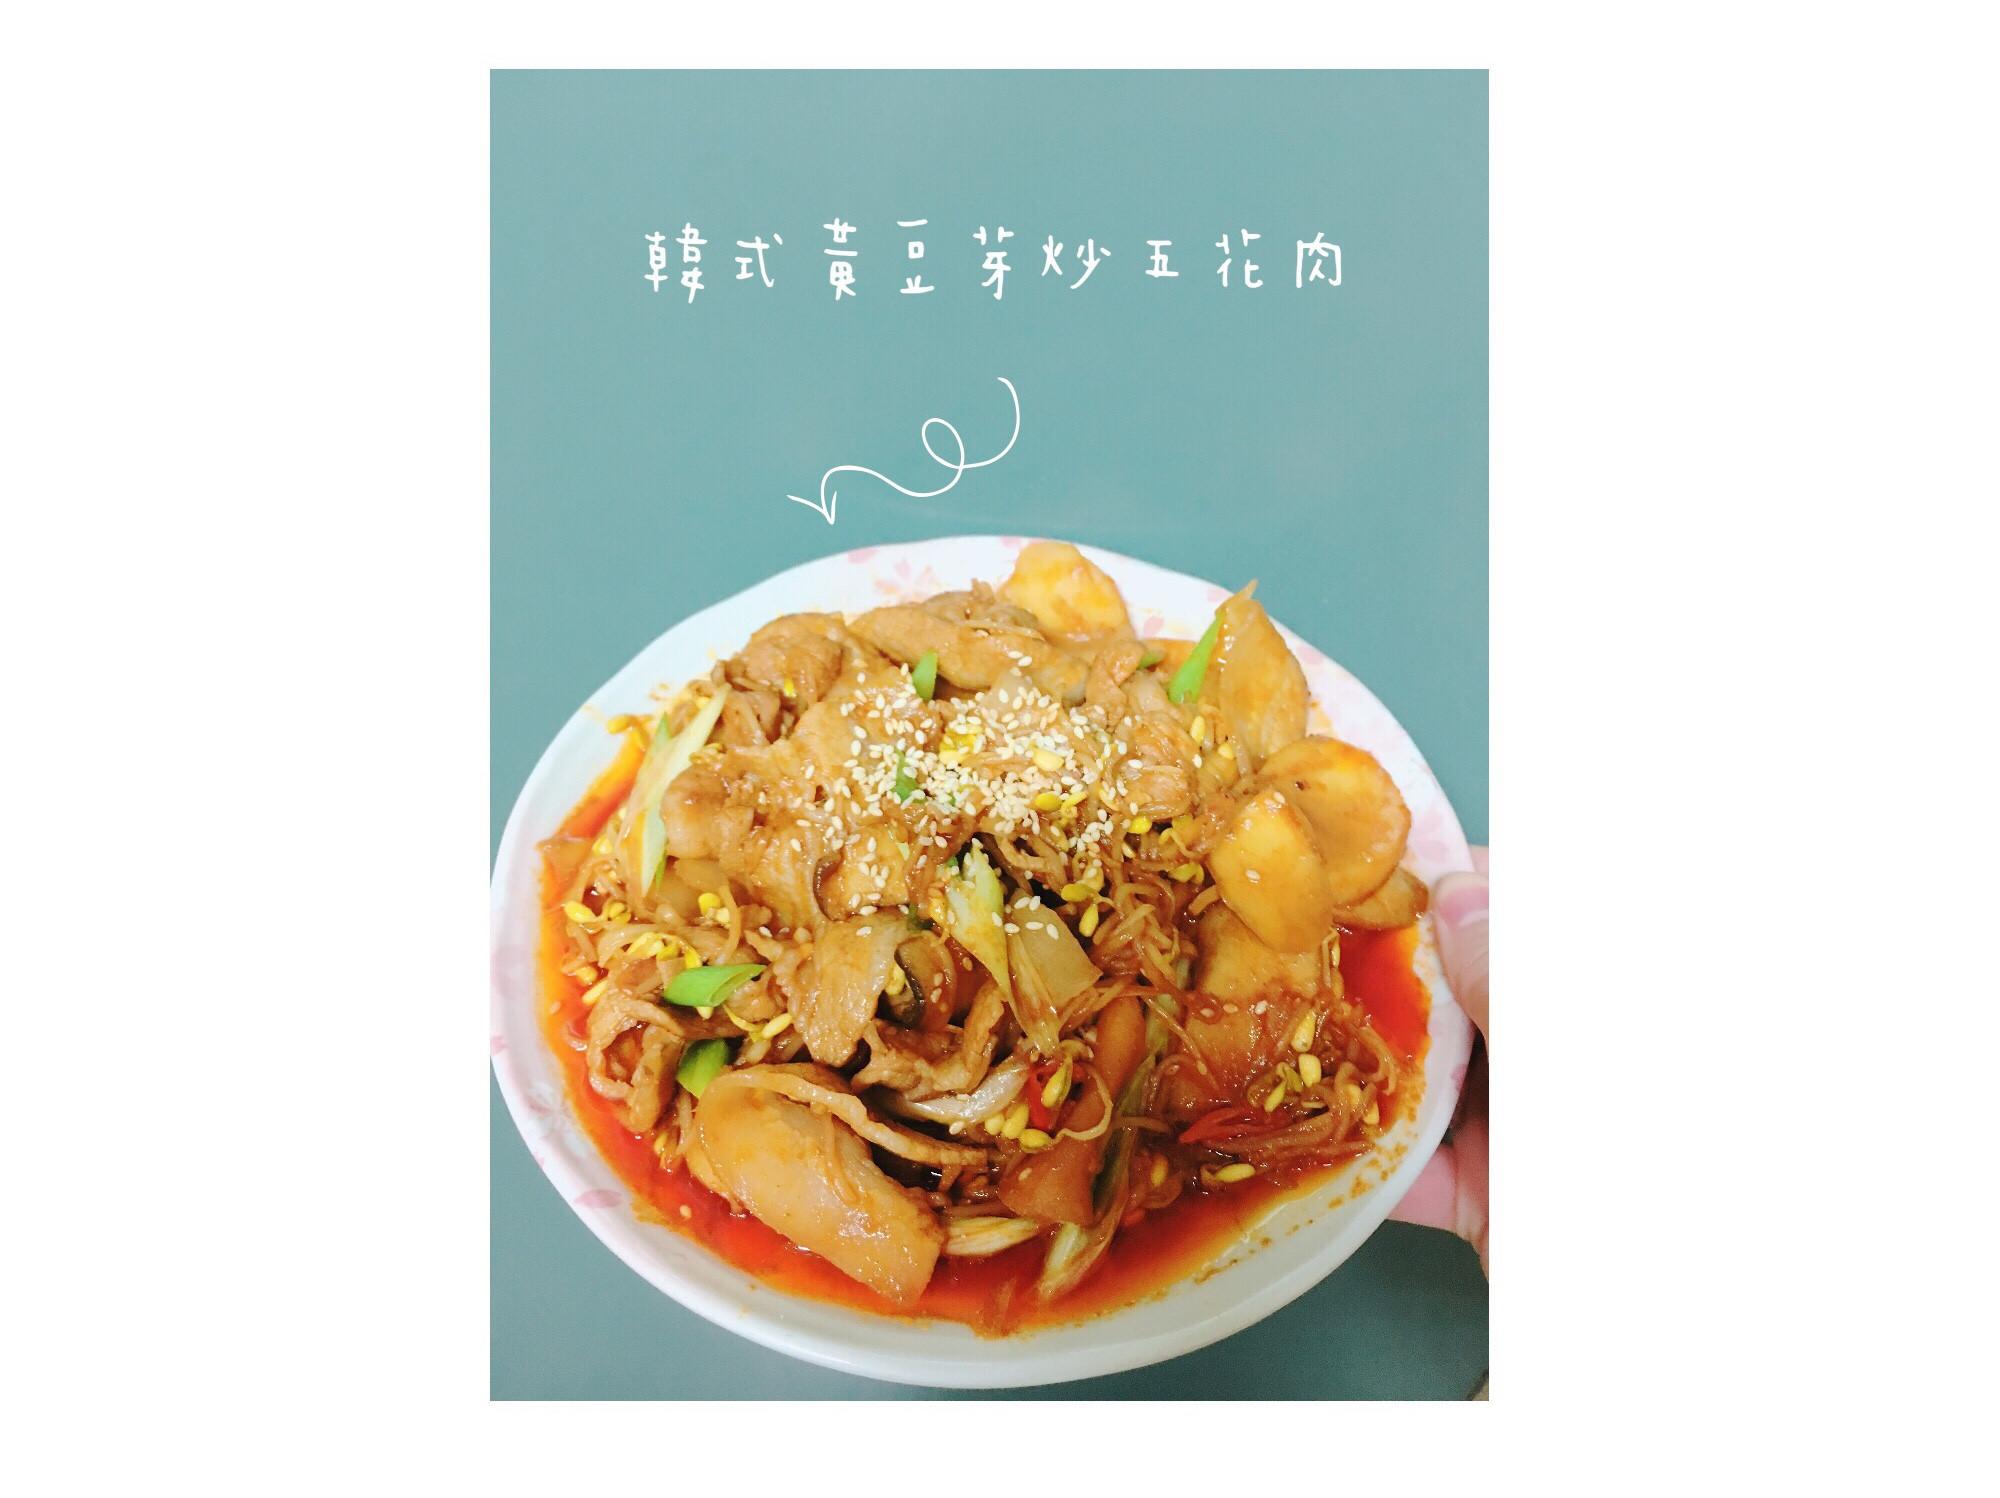 韓式豆芽豬五花🇰🇷(超簡易韓式料理)